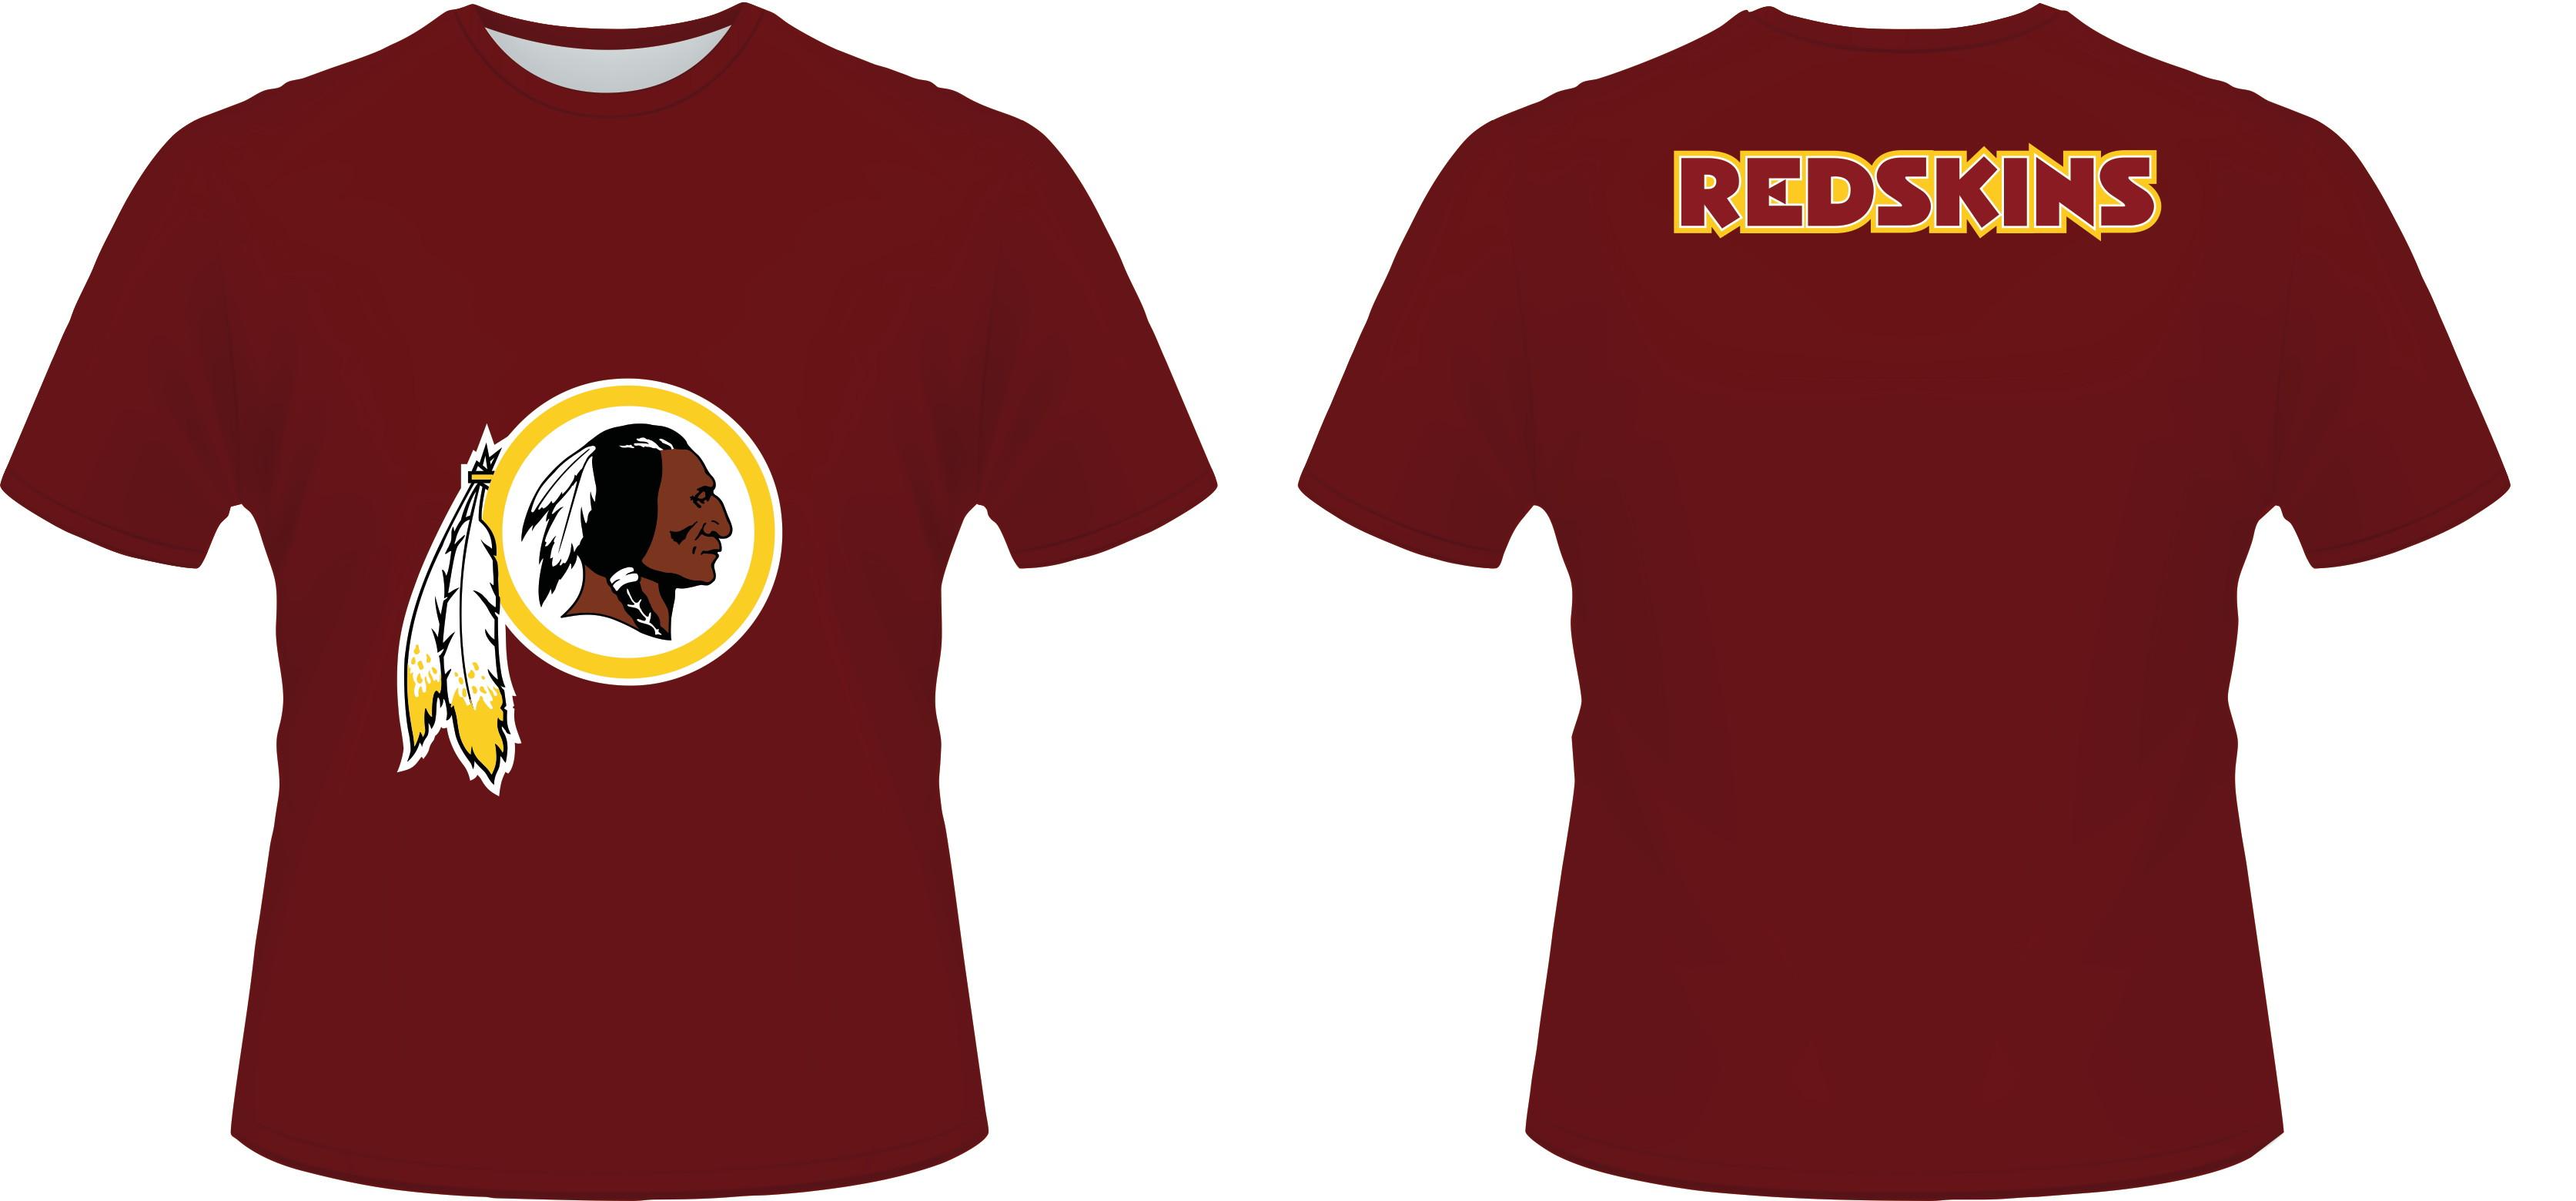 6f1429c540 Camiseta Washington Redskins